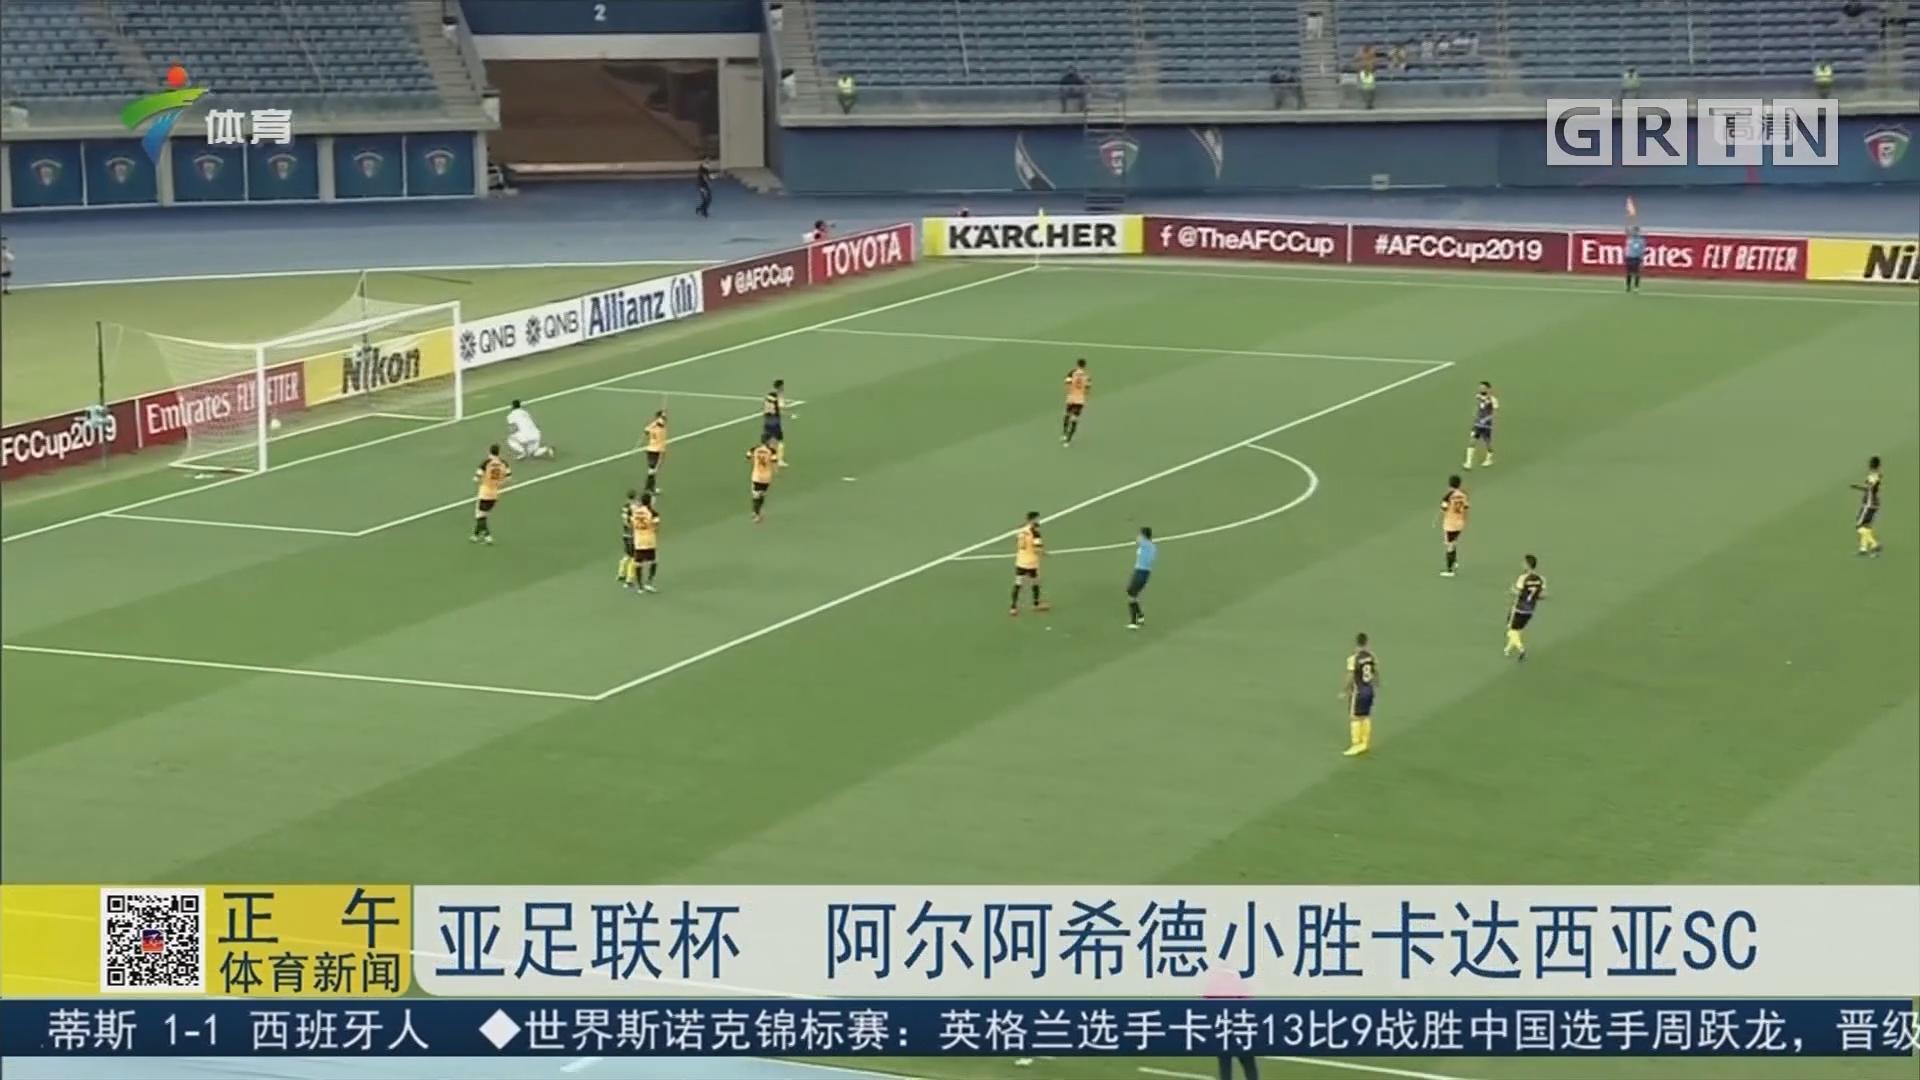 亚足联杯 阿尔阿希德小胜卡达西亚SC